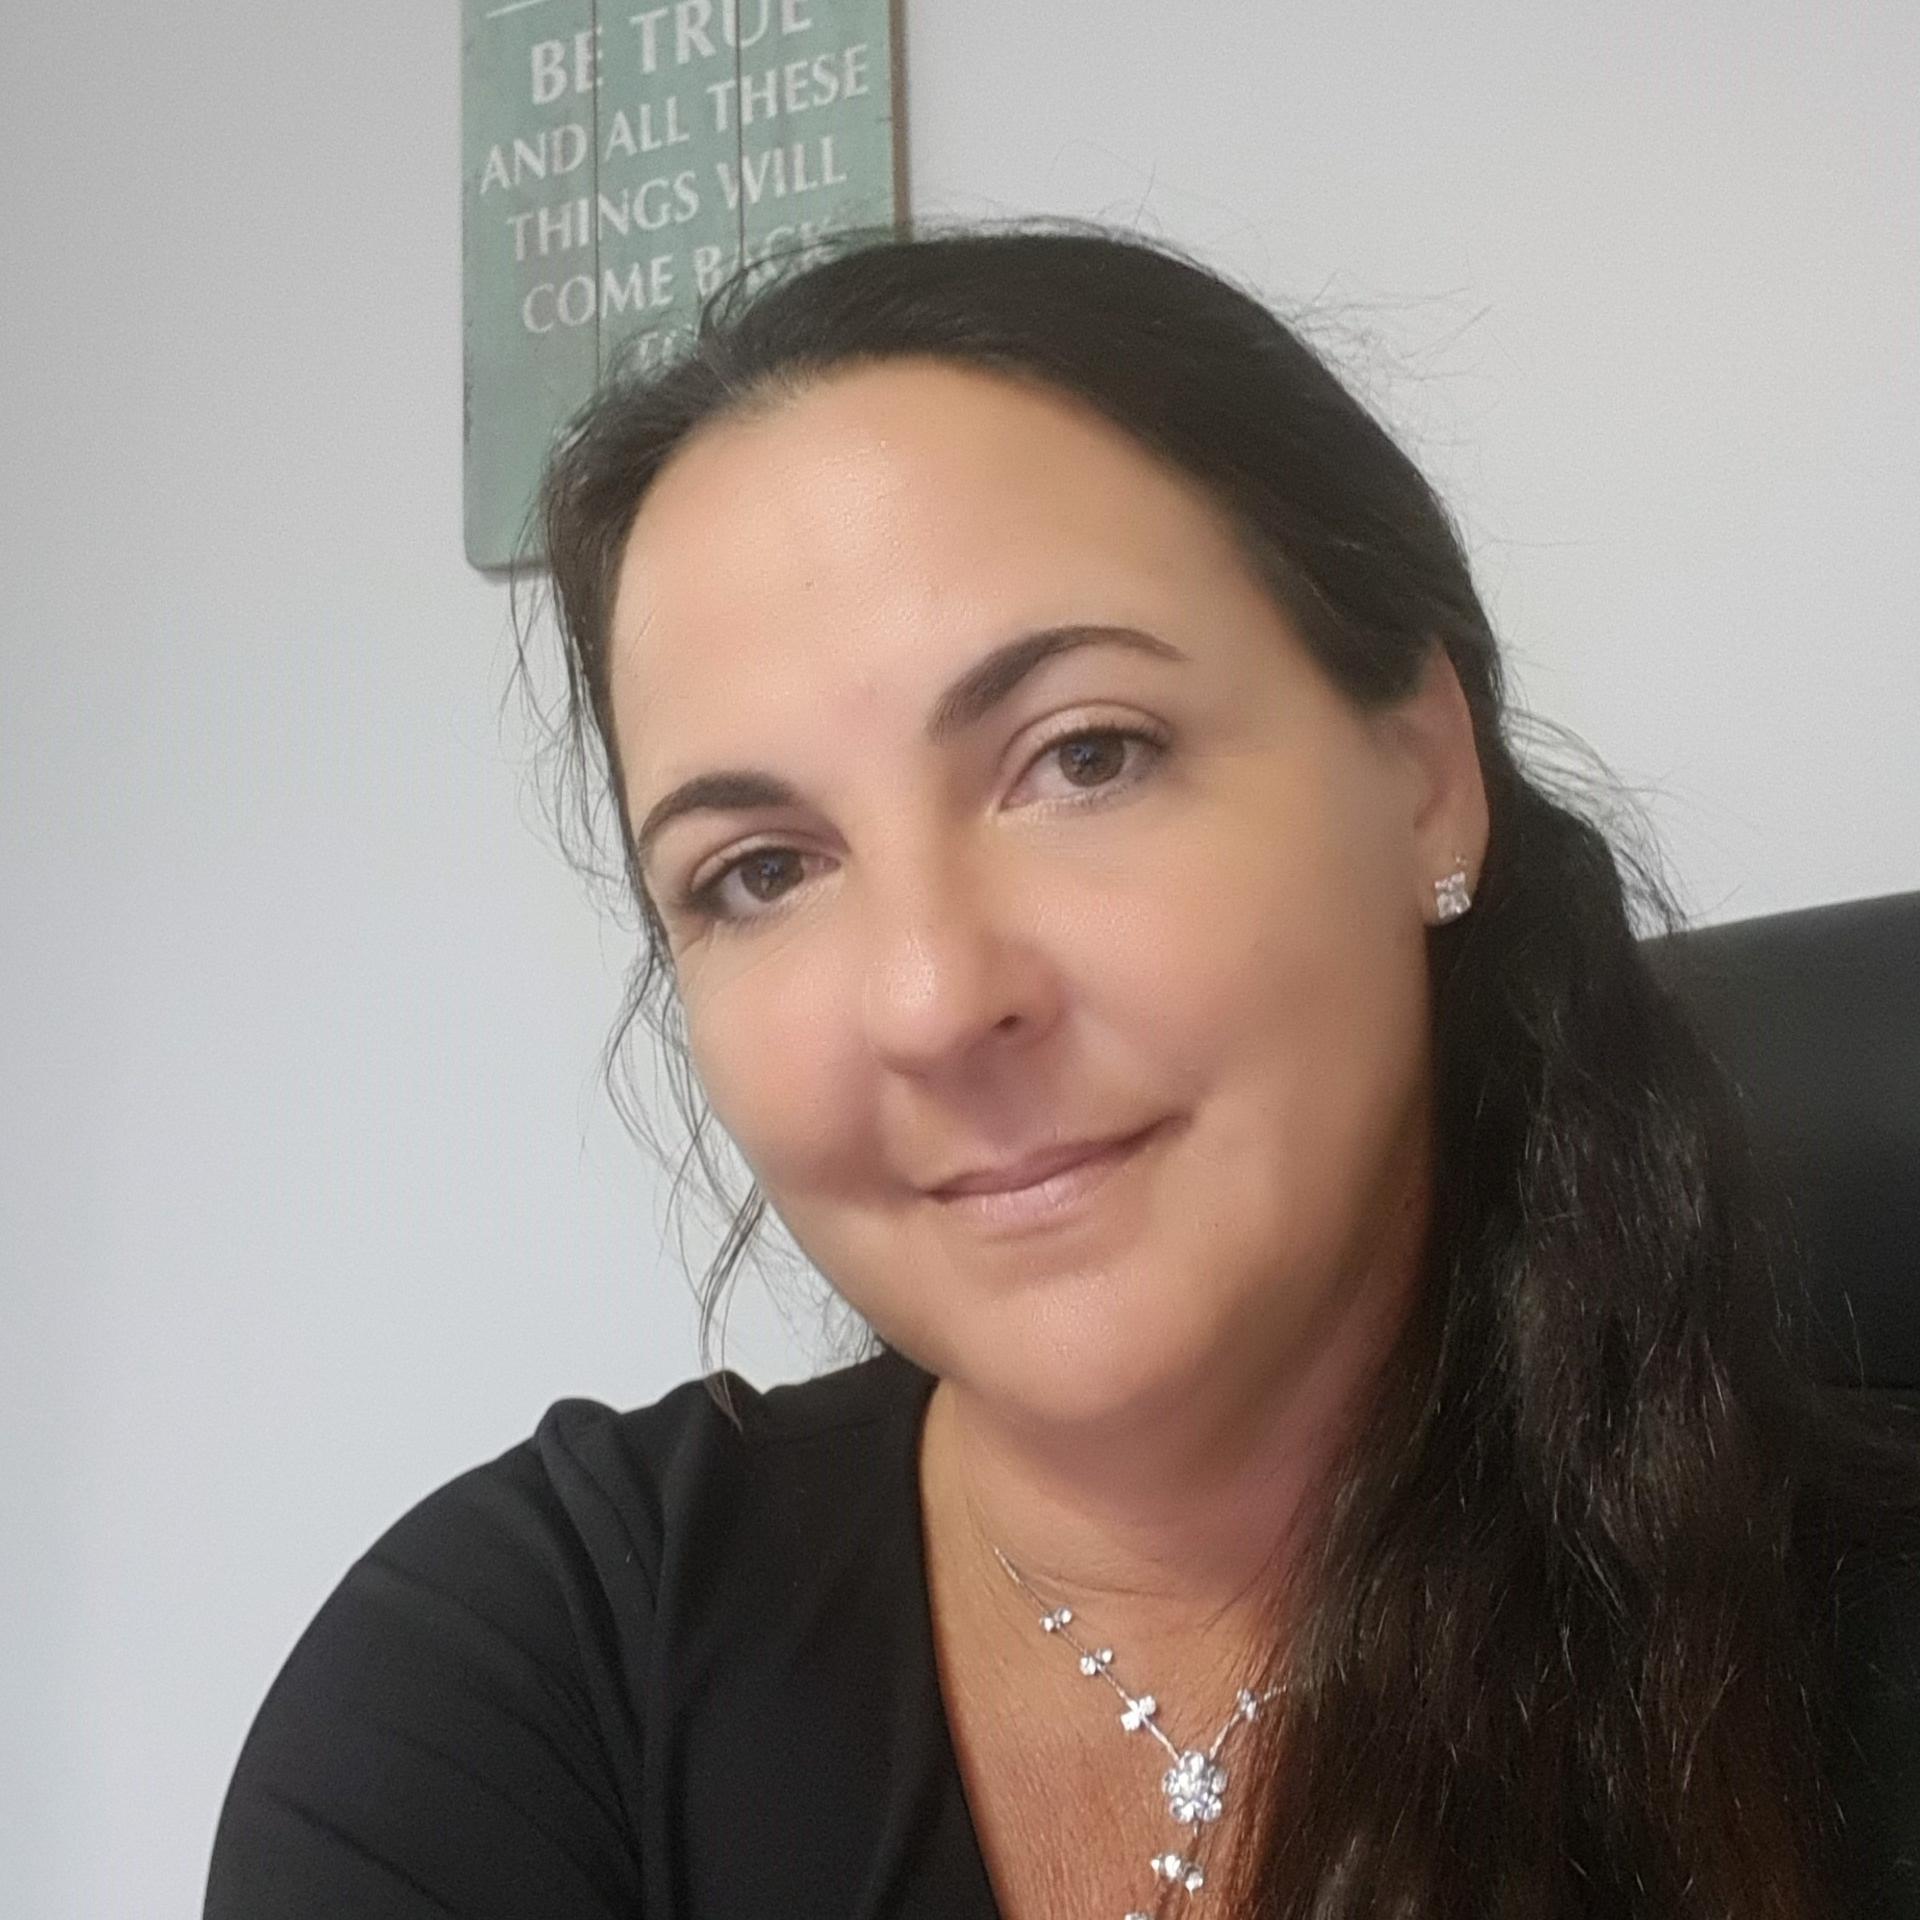 Teresa McNeill